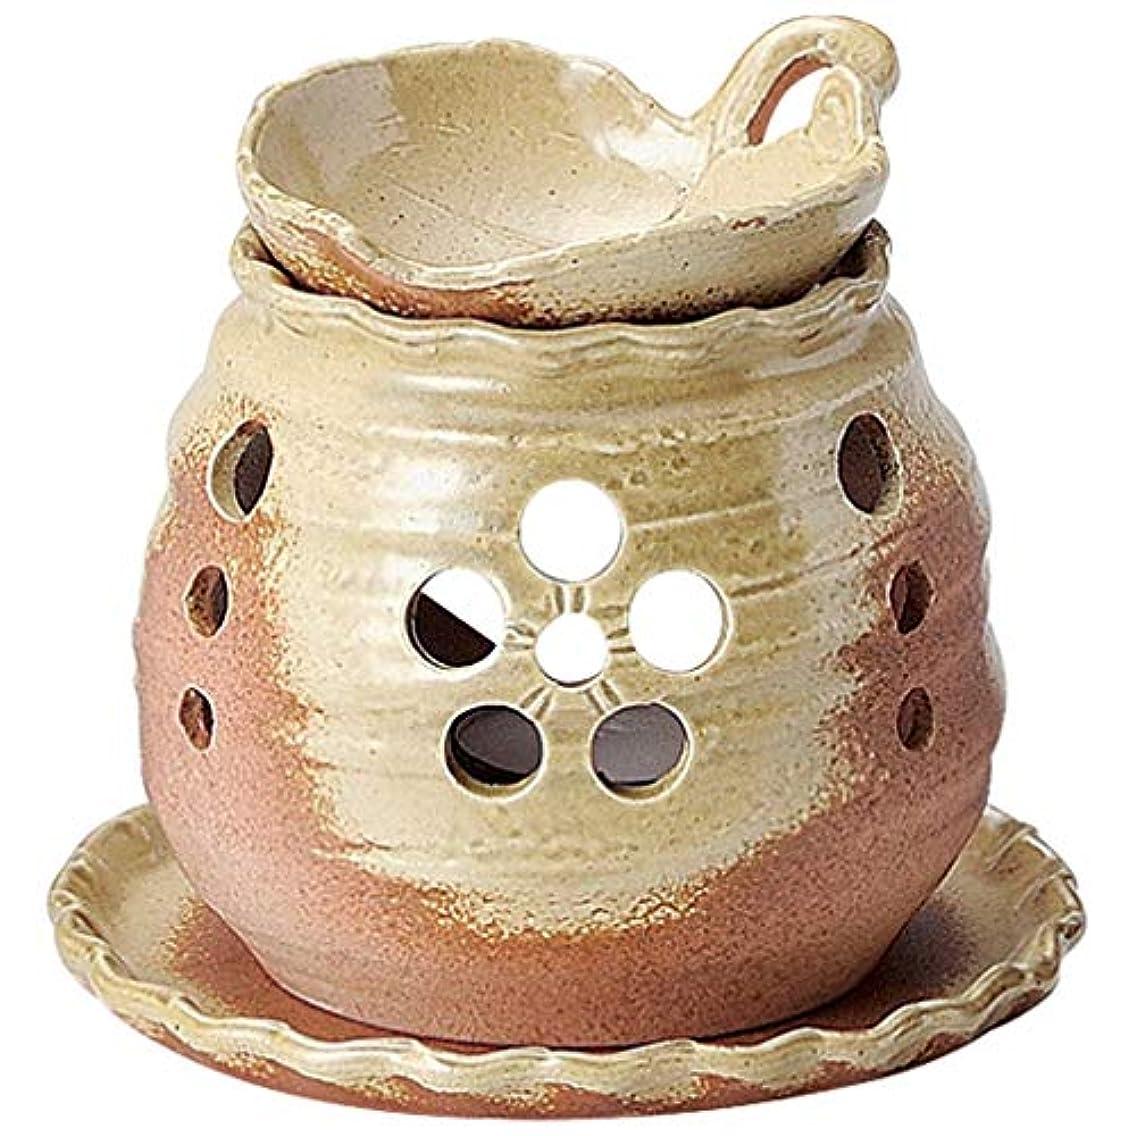 憂鬱同封するダルセット常滑焼 G1706 茶香炉  径10.5×11.5cm